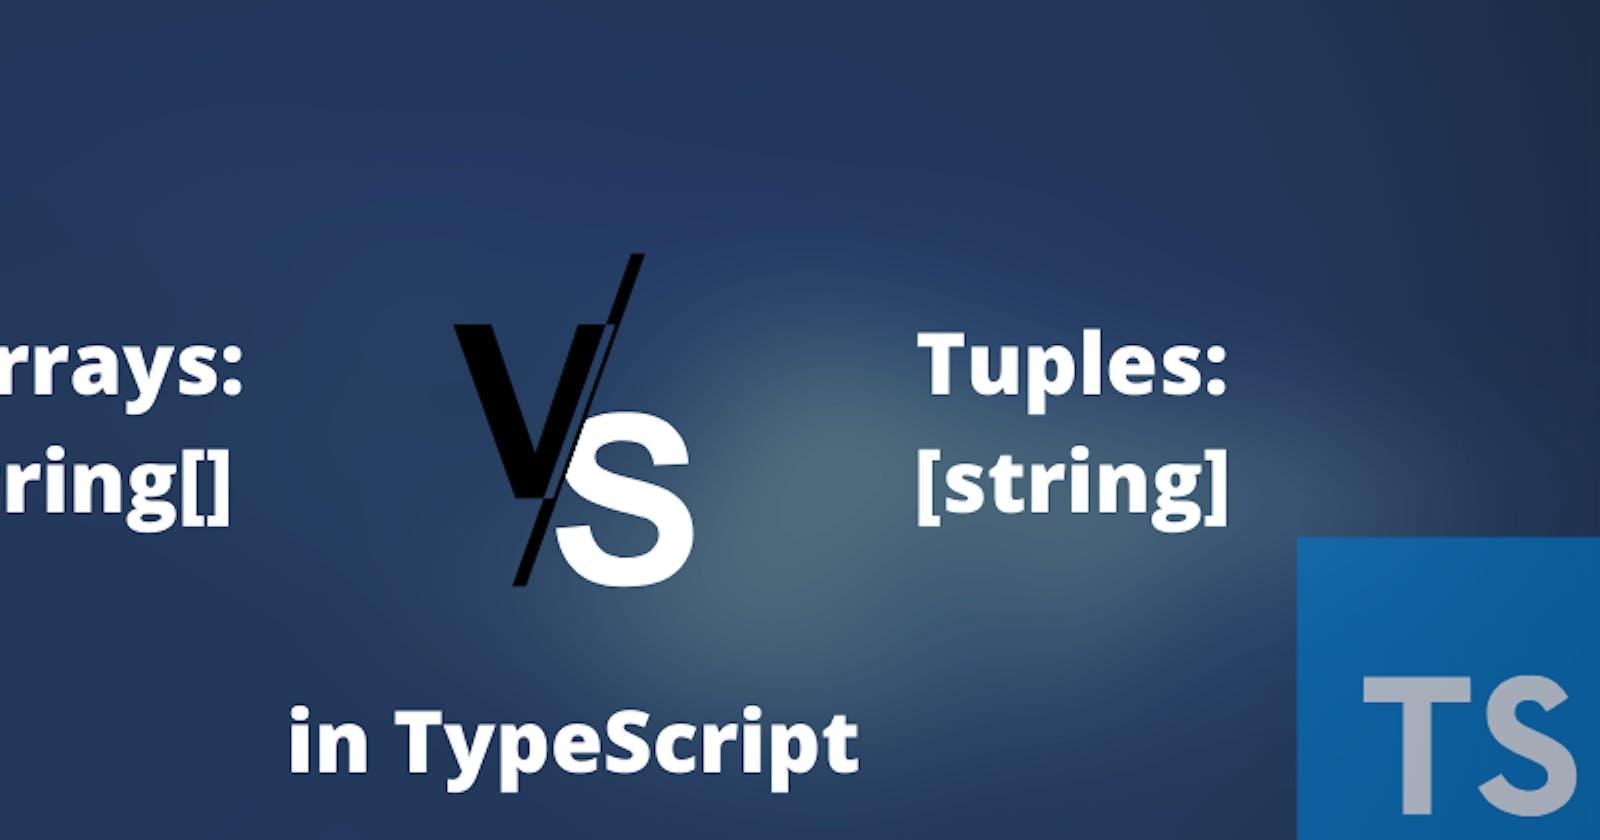 Arrays vs Tuples in TypeScript